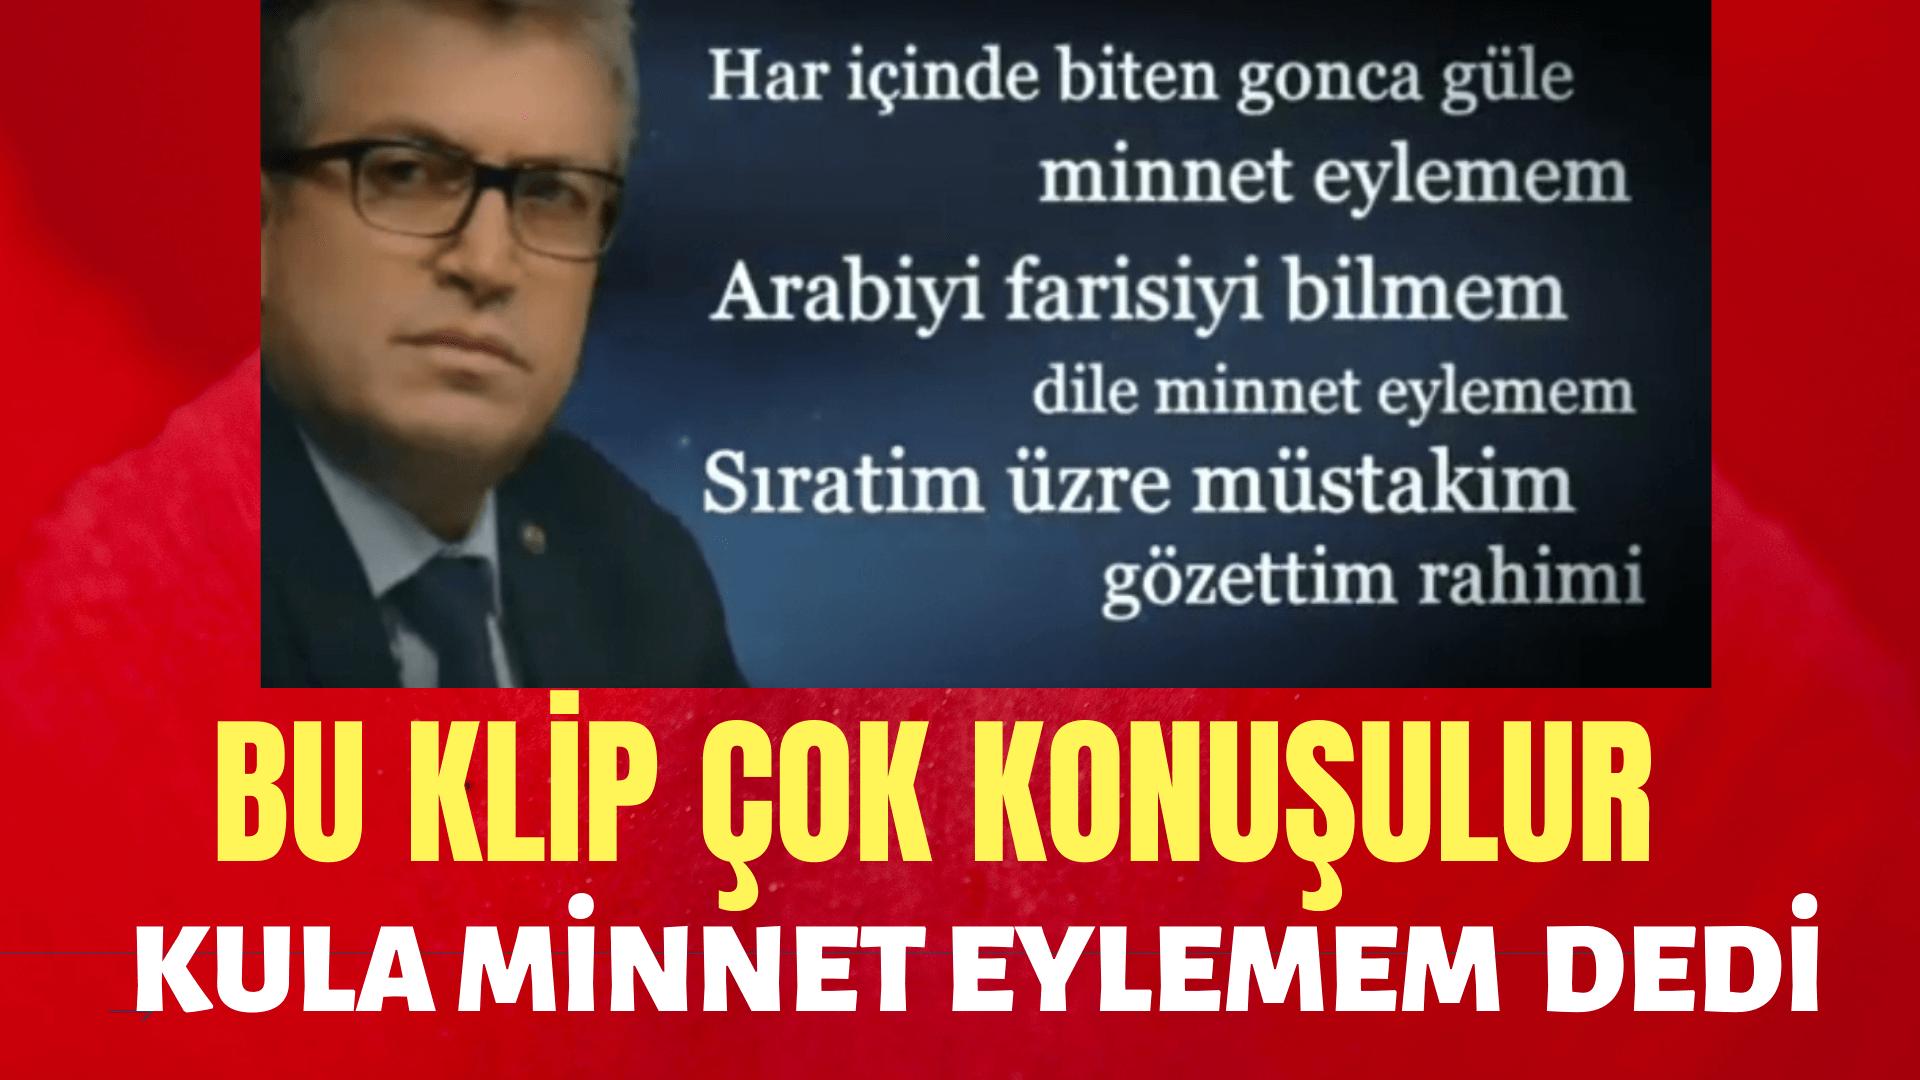 Asaf Kayaoğlu:Kula Minnet eylemem